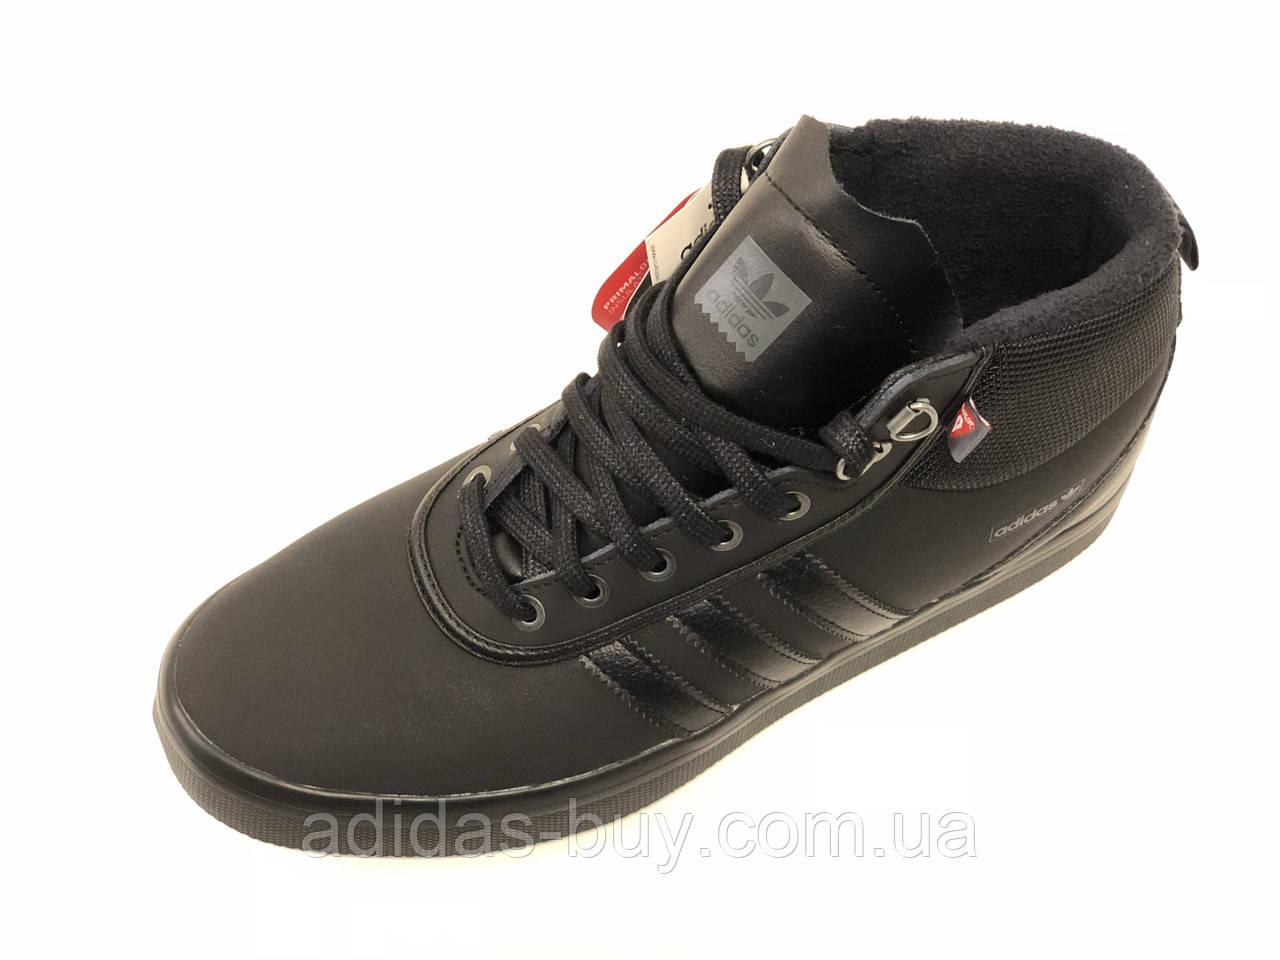 Ботинки мужские оригинальные adidas ADI TREK AC8224 цвет  черный  3 ... 1506f3558602f